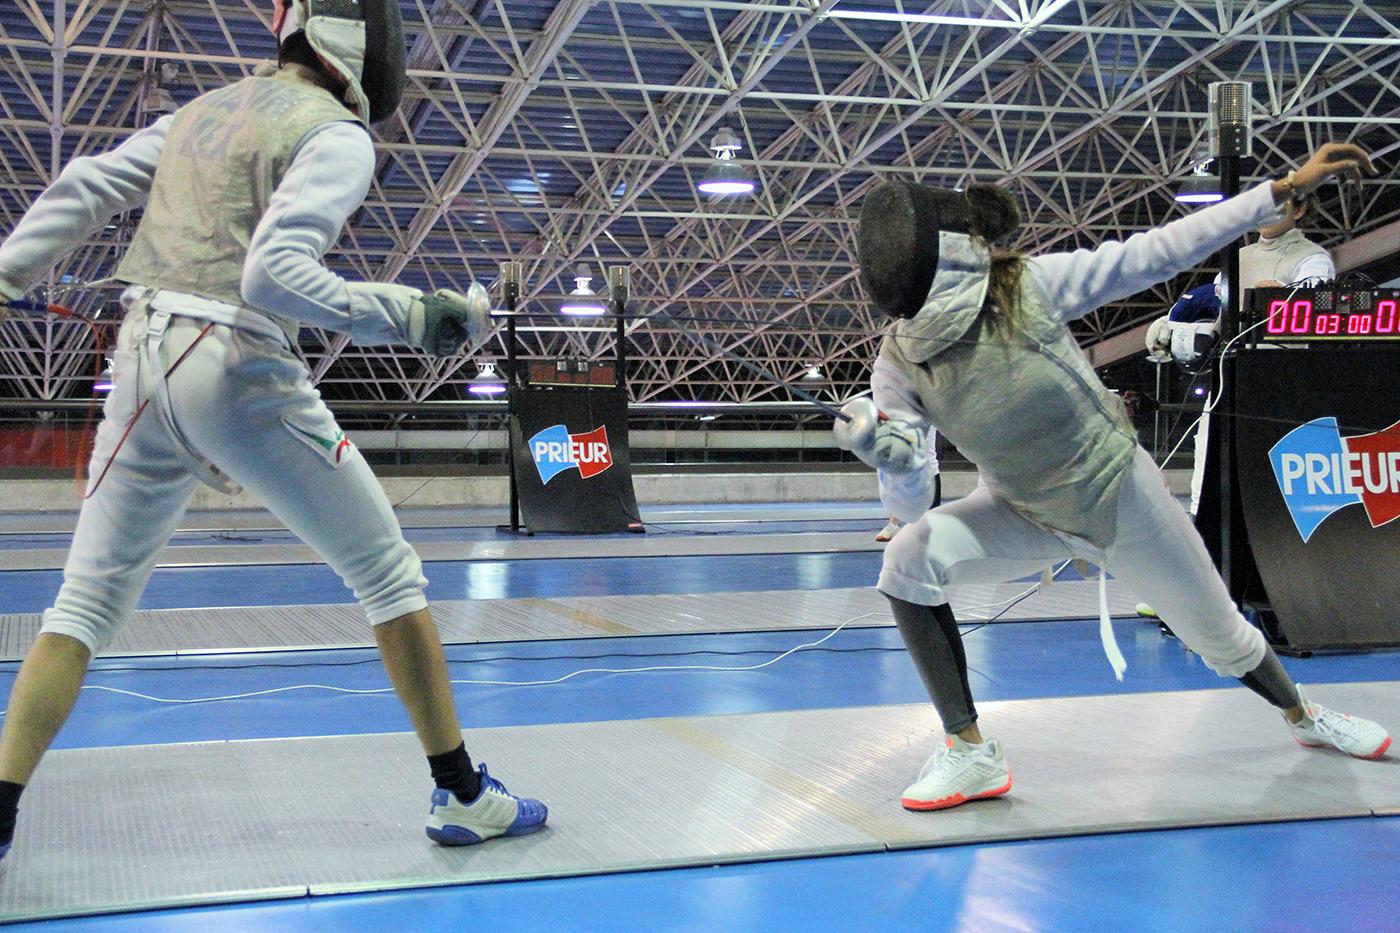 El certamen, en el que participarán 10 seleccionados nacionales, otorgará puntos en el ranking internacional